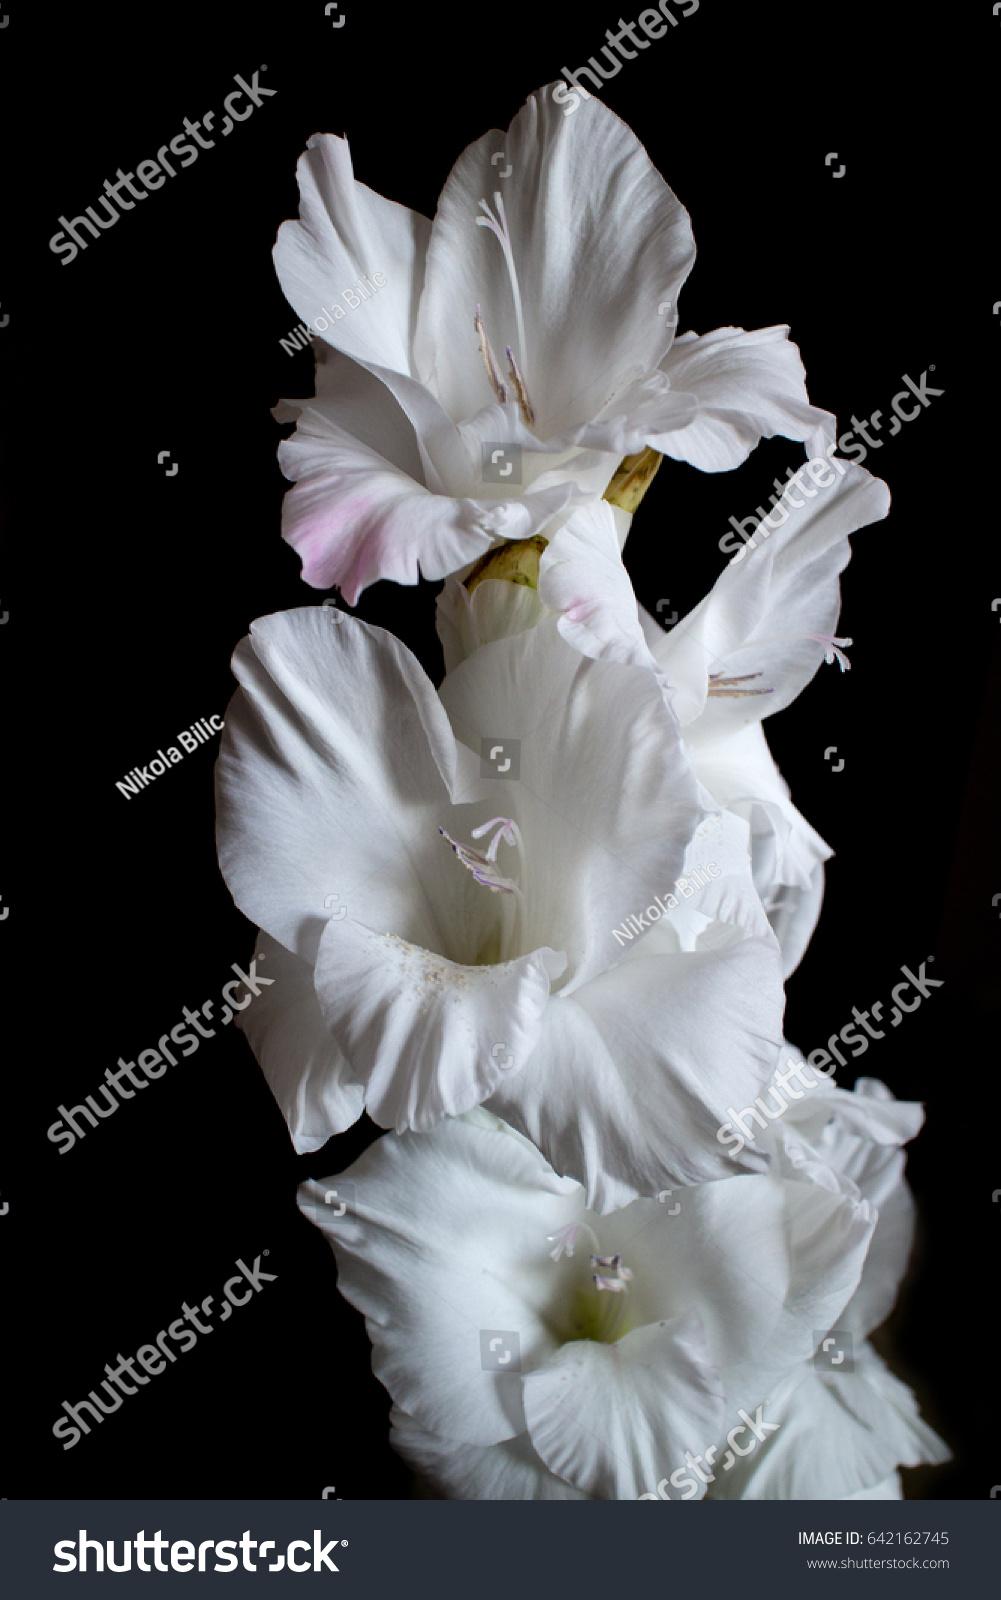 Image white gladiolus flower on black stock photo edit now image of white gladiolus flower on black background mightylinksfo